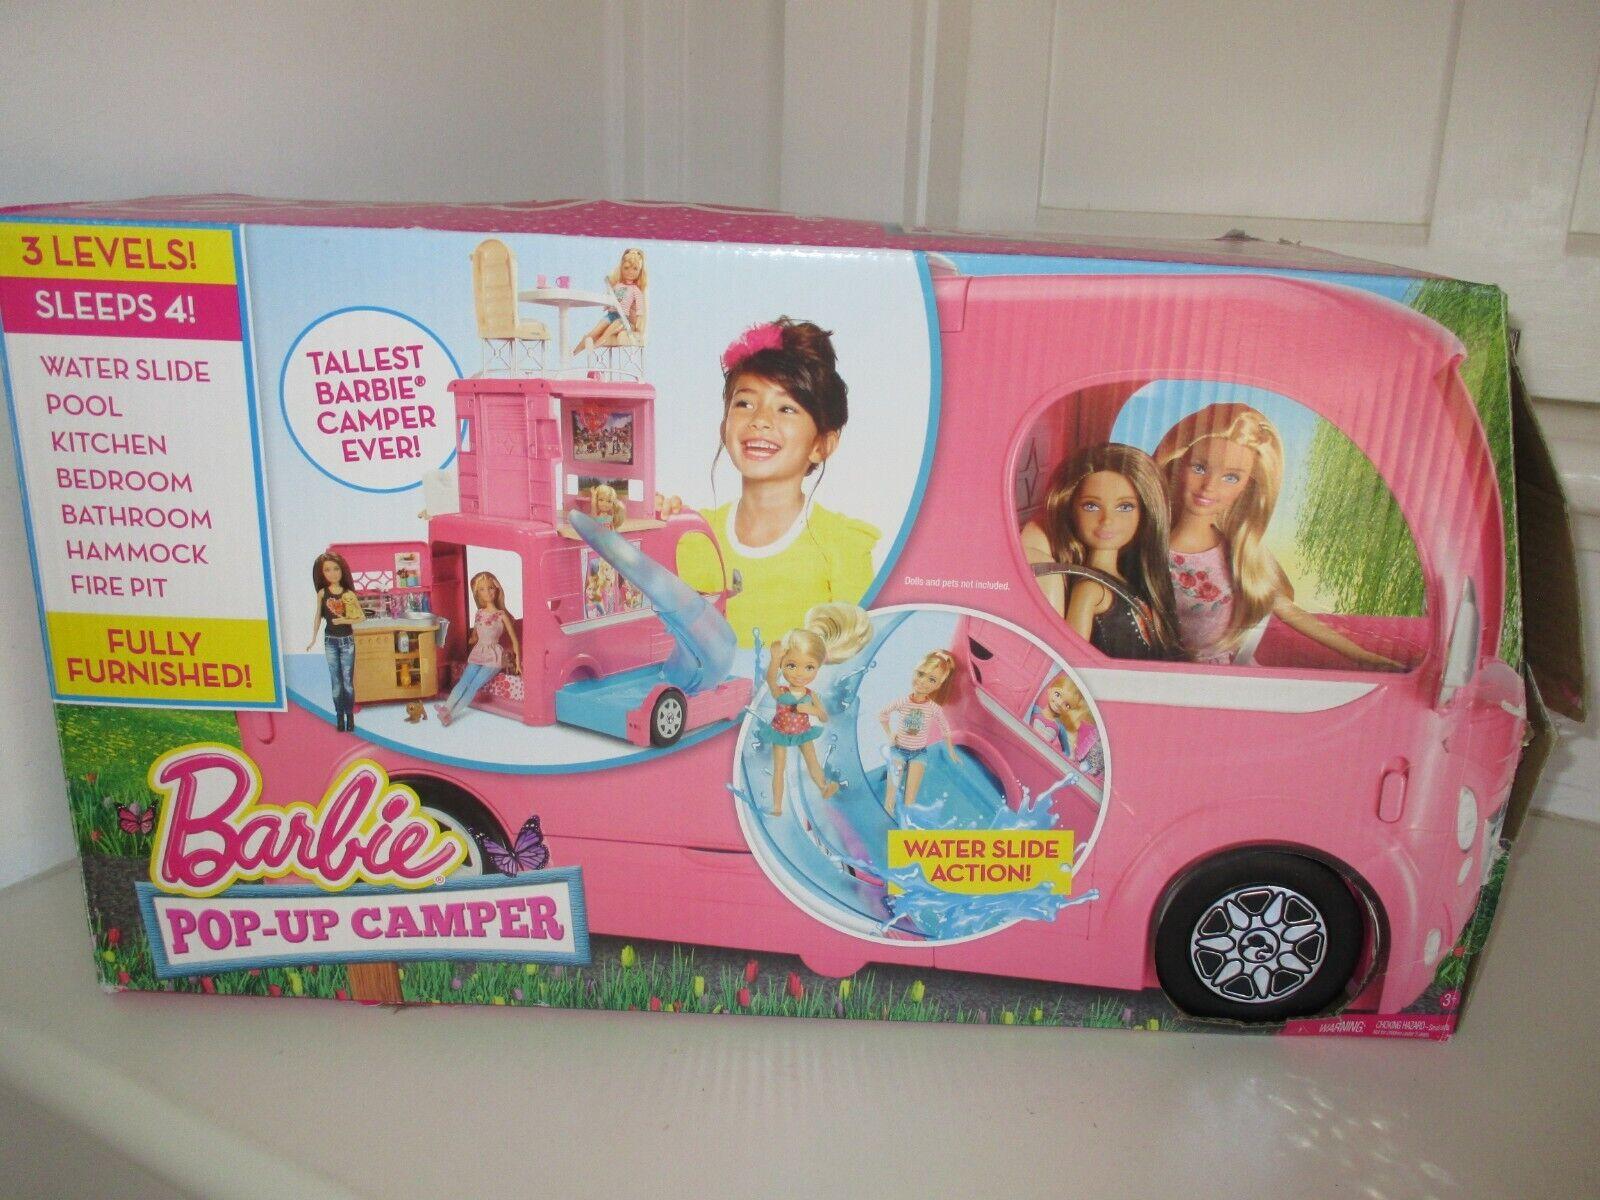 Barbie Pop-Up Camper - 3 Levels of Fun  Tallest Barbie Camper Ever